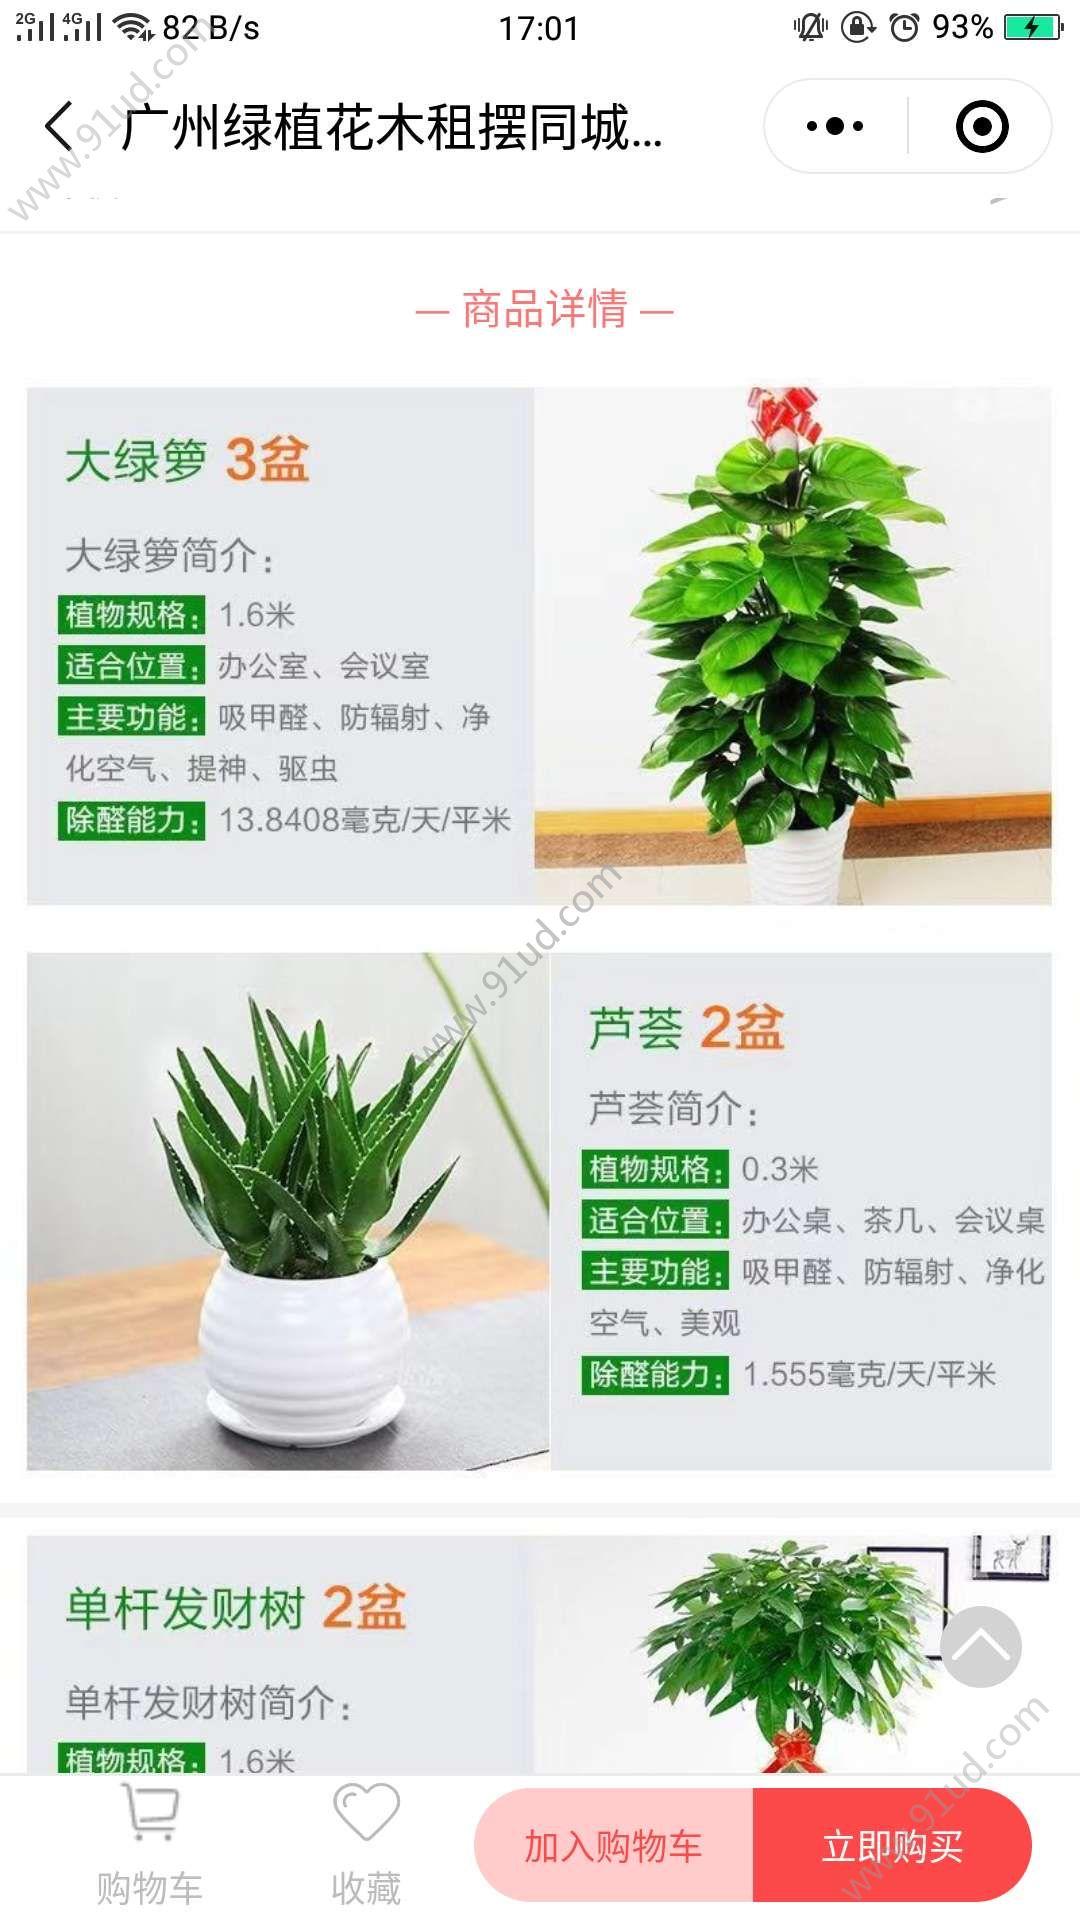 广州绿植花木租摆同城配送小程序截图